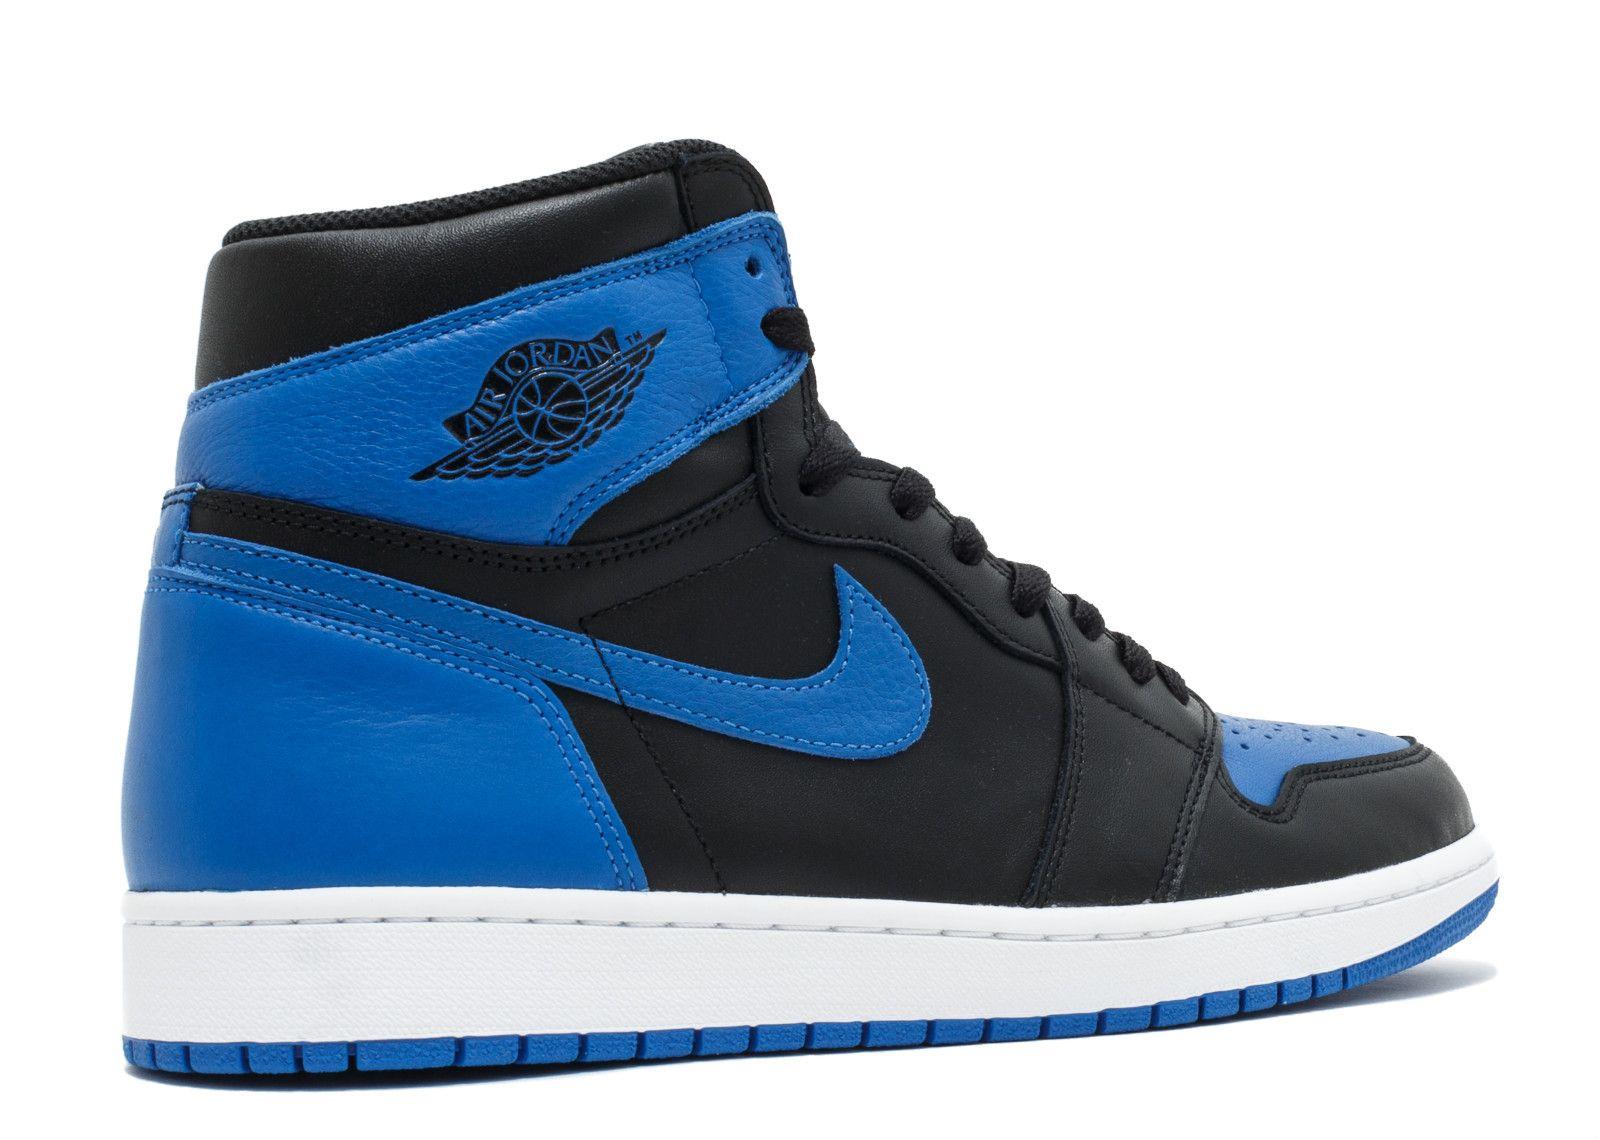 2017 Nike Air Jordan 1 Nike Retro High Og Royal Blue Air Jordan 1 Retro High Og 2017 Release Jordan Shoes Retro Air Jordans Jordan 1 Retro High